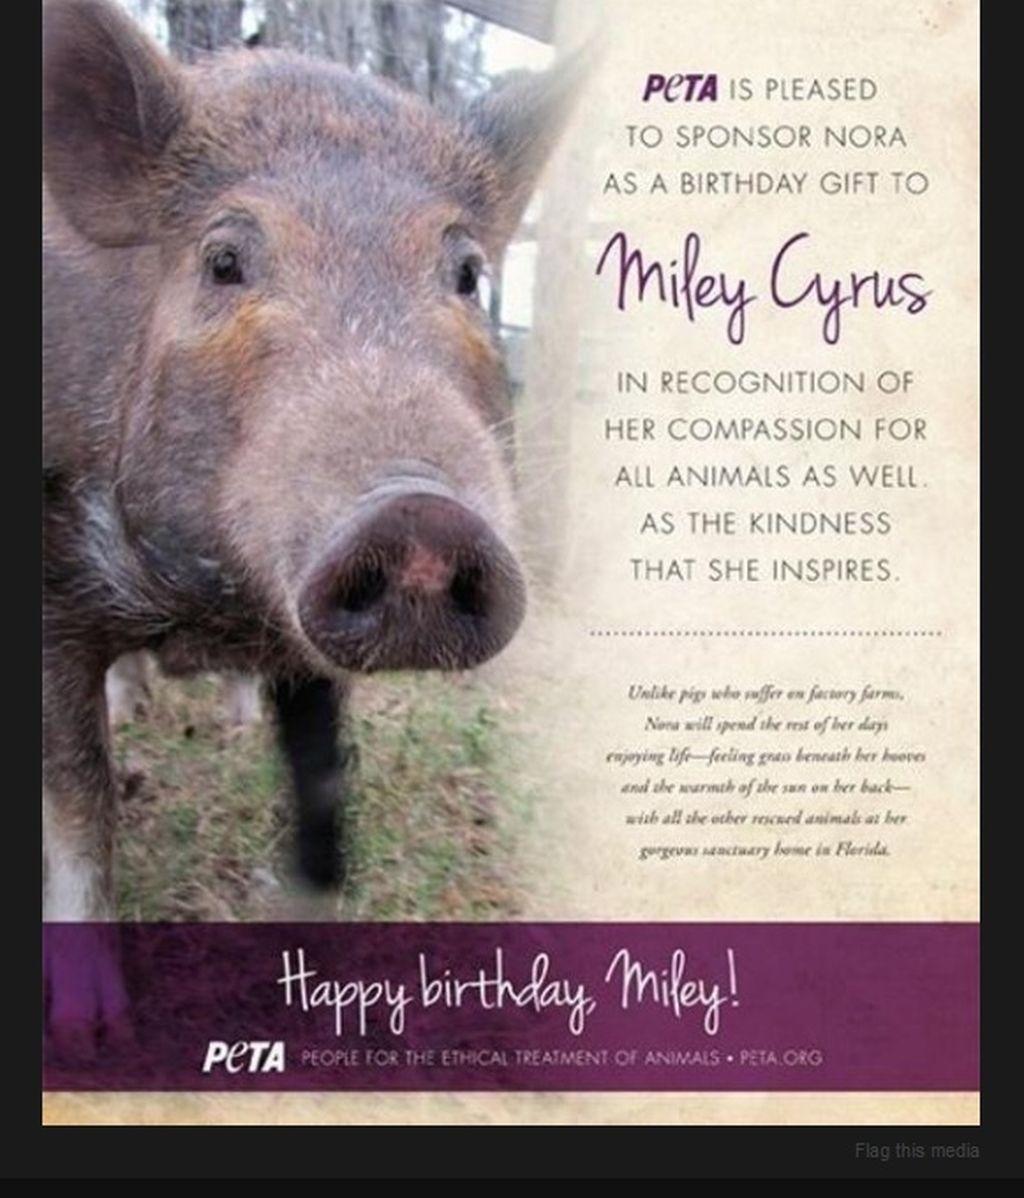 Miley Cyrus recibe un cerdo como regalo de cumpleaños